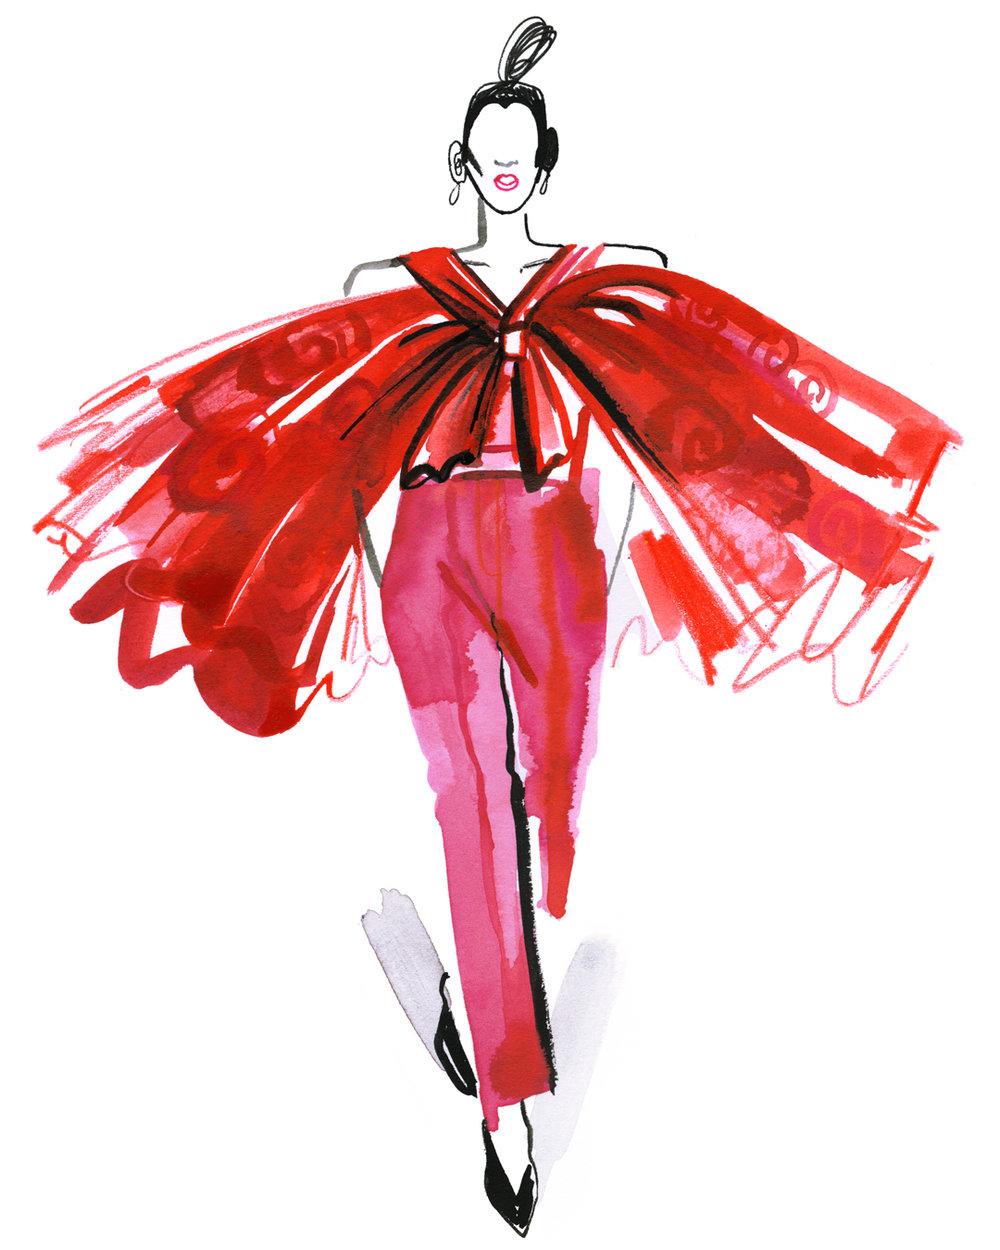 Mulan Inspired Red Carpet Look